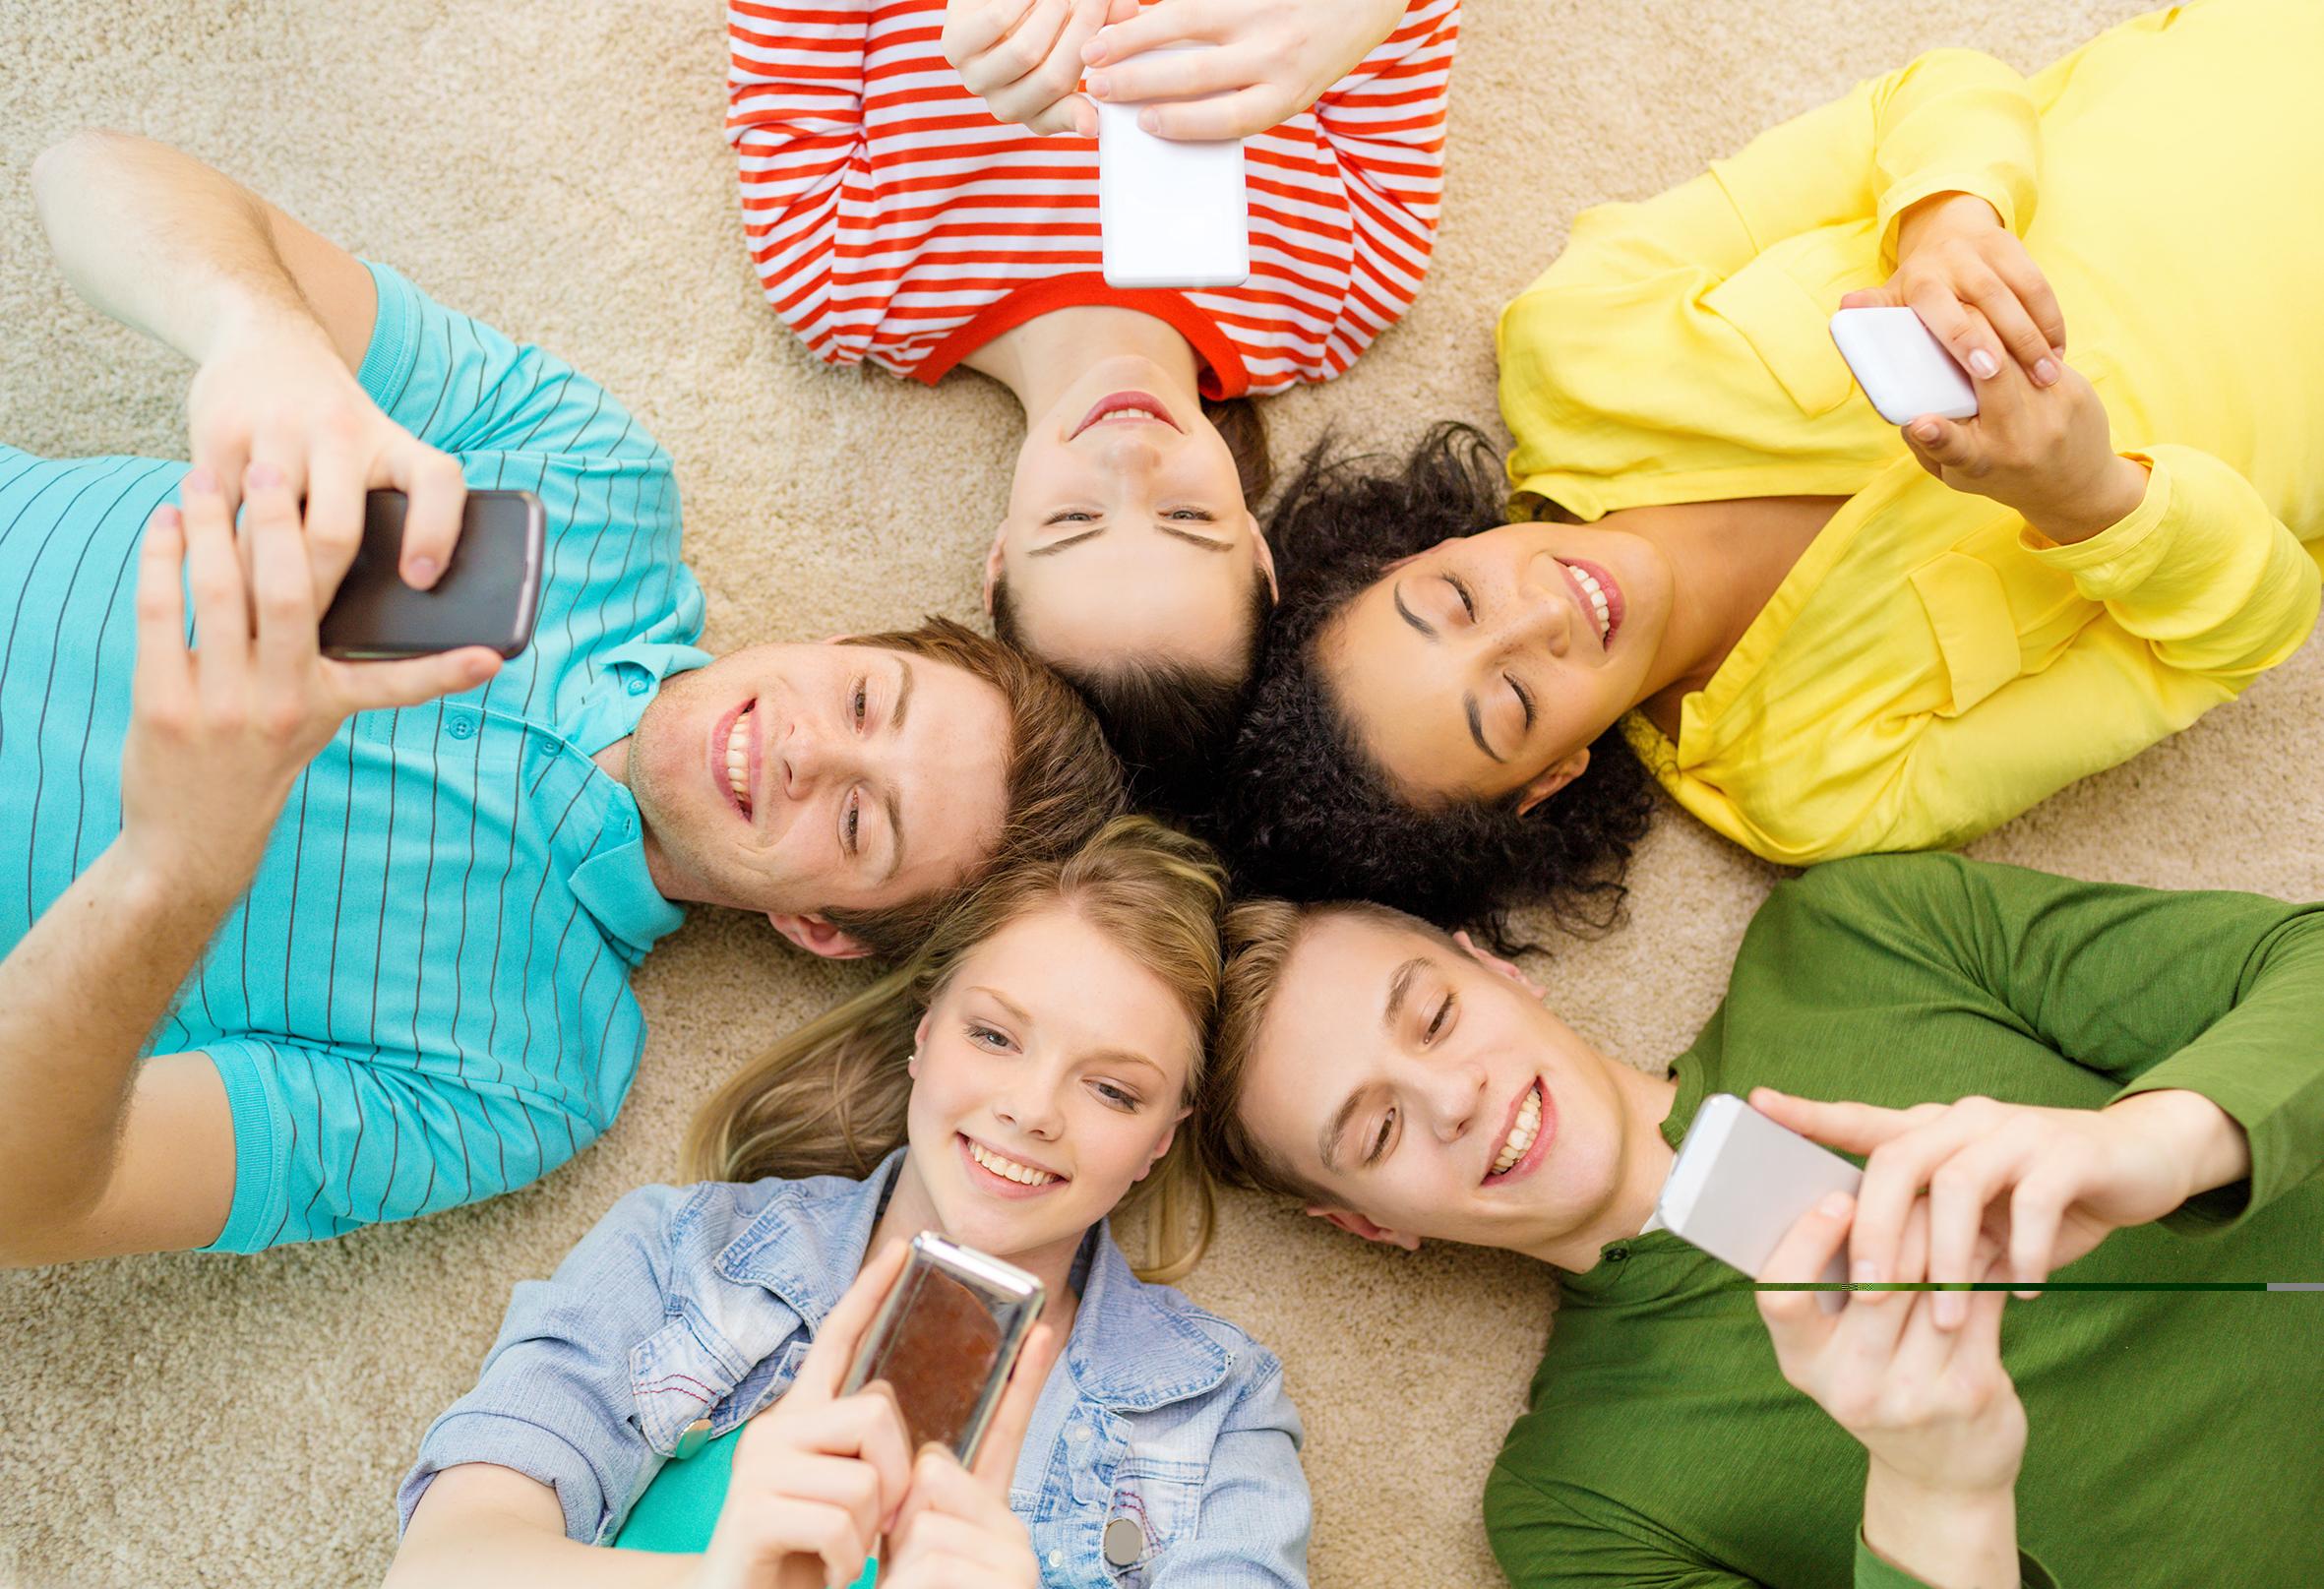 Así son los jóvenes de hoy: digitales, activos y conscientes de las ventajas y riesgos de las redes sociales